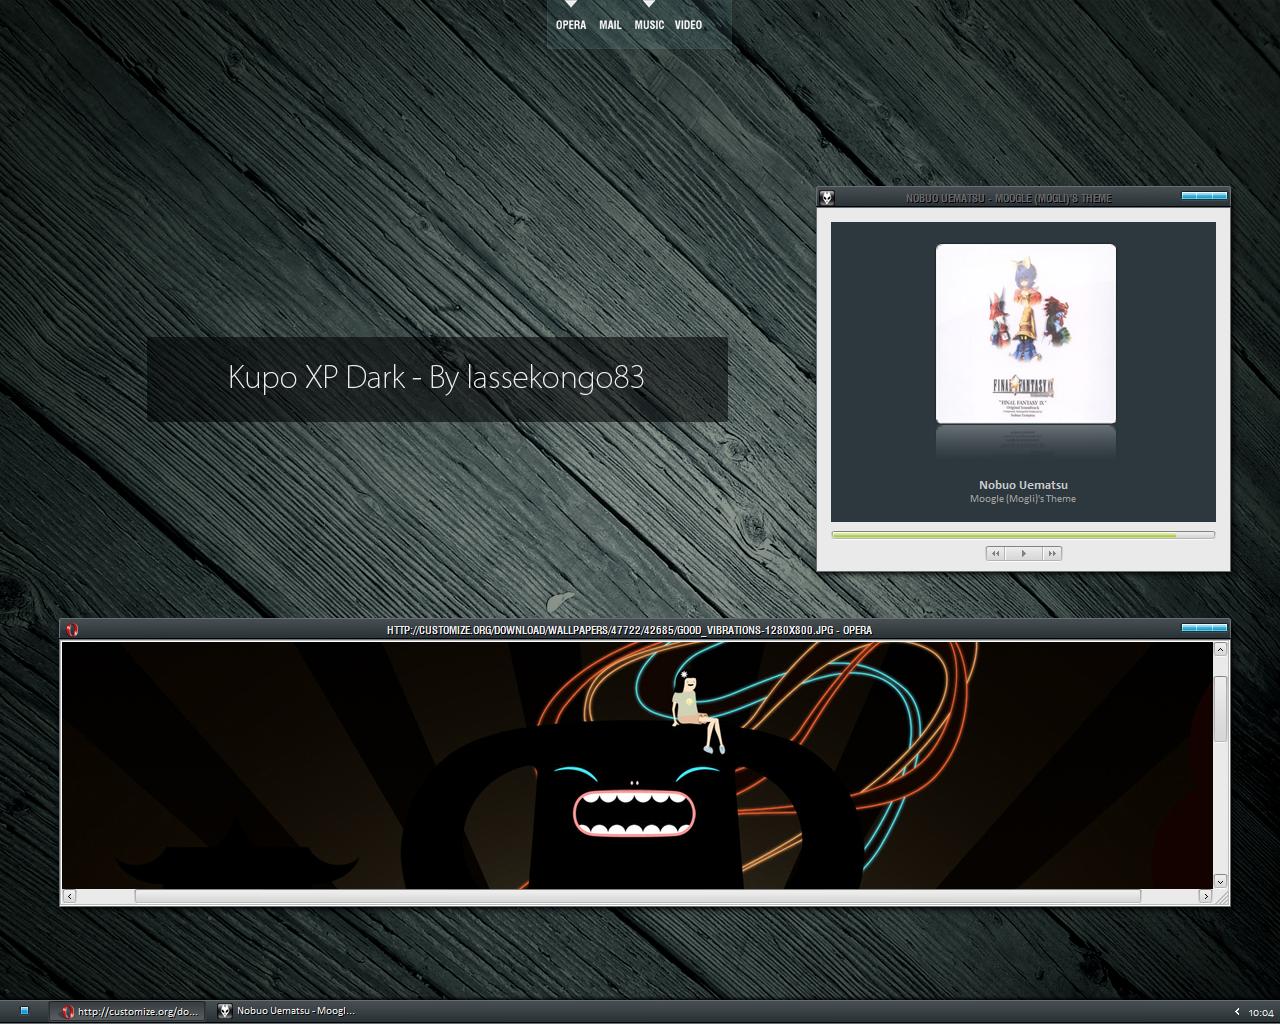 Kupo XP Dark by lassekongo83